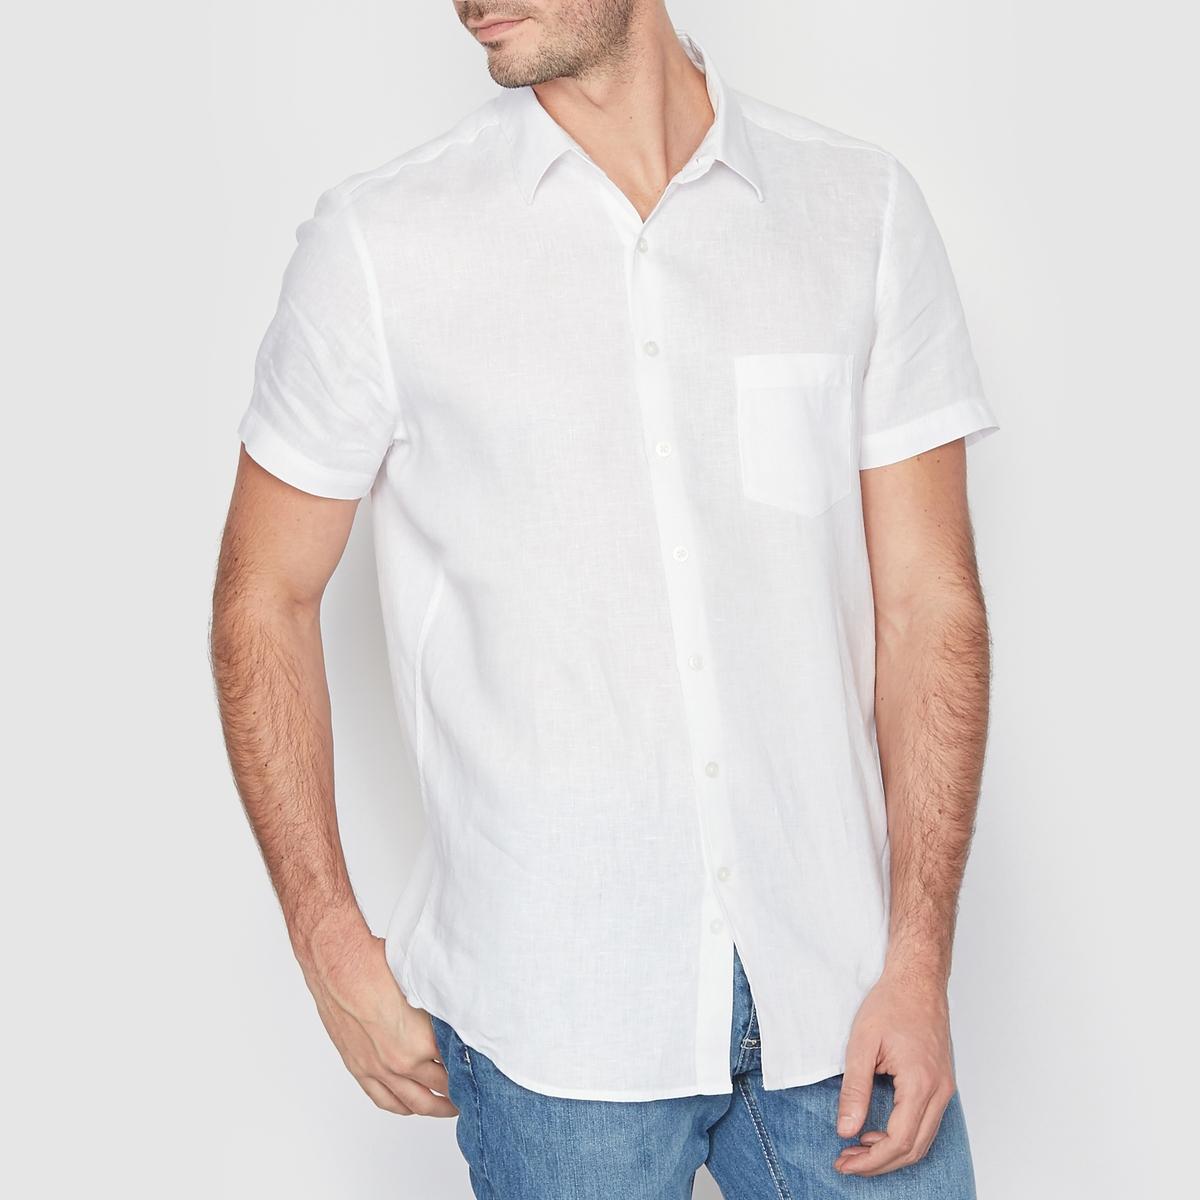 Рубашка прямого покроя с короткими рукавами, 100% лен